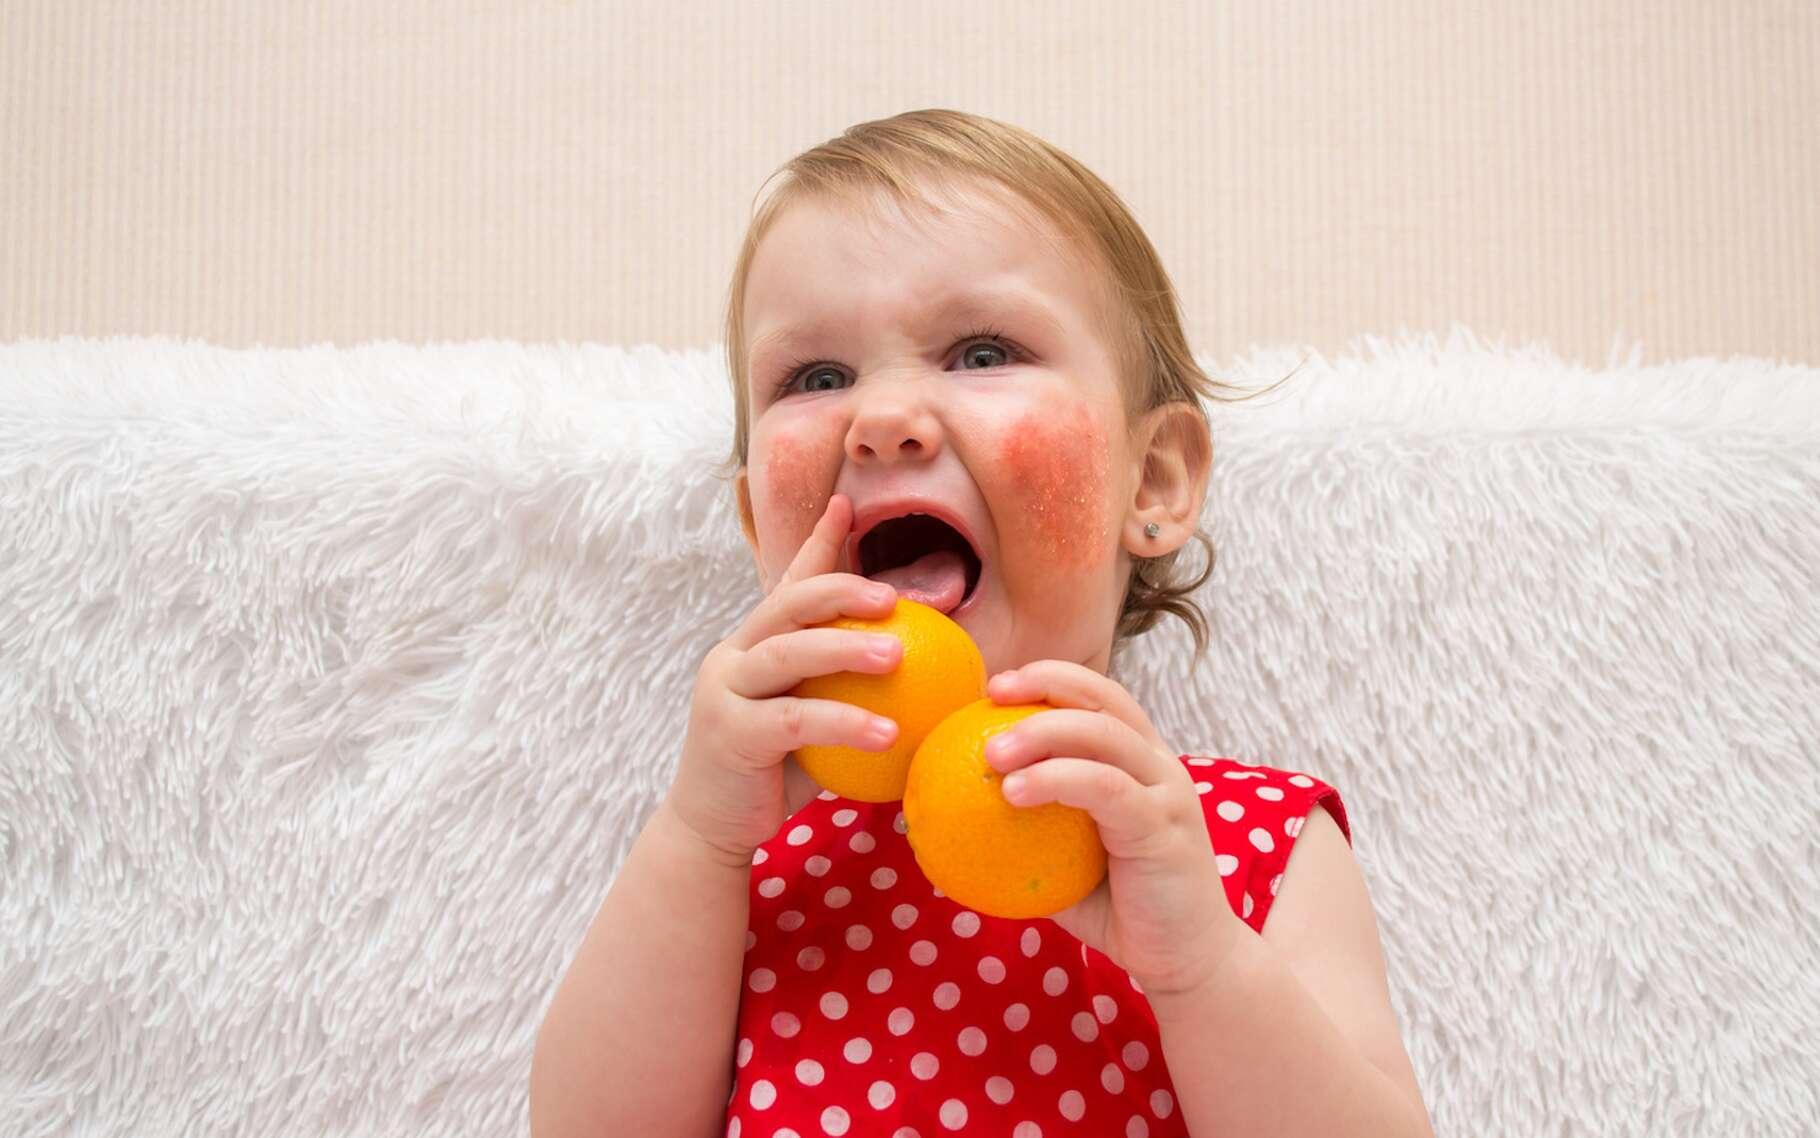 Allergie alimentaire et intolérance alimentaire ne résultent pas du même mécanisme. Mais les symptômes peuvent se rejoindre. © silentalex88, Fotolia